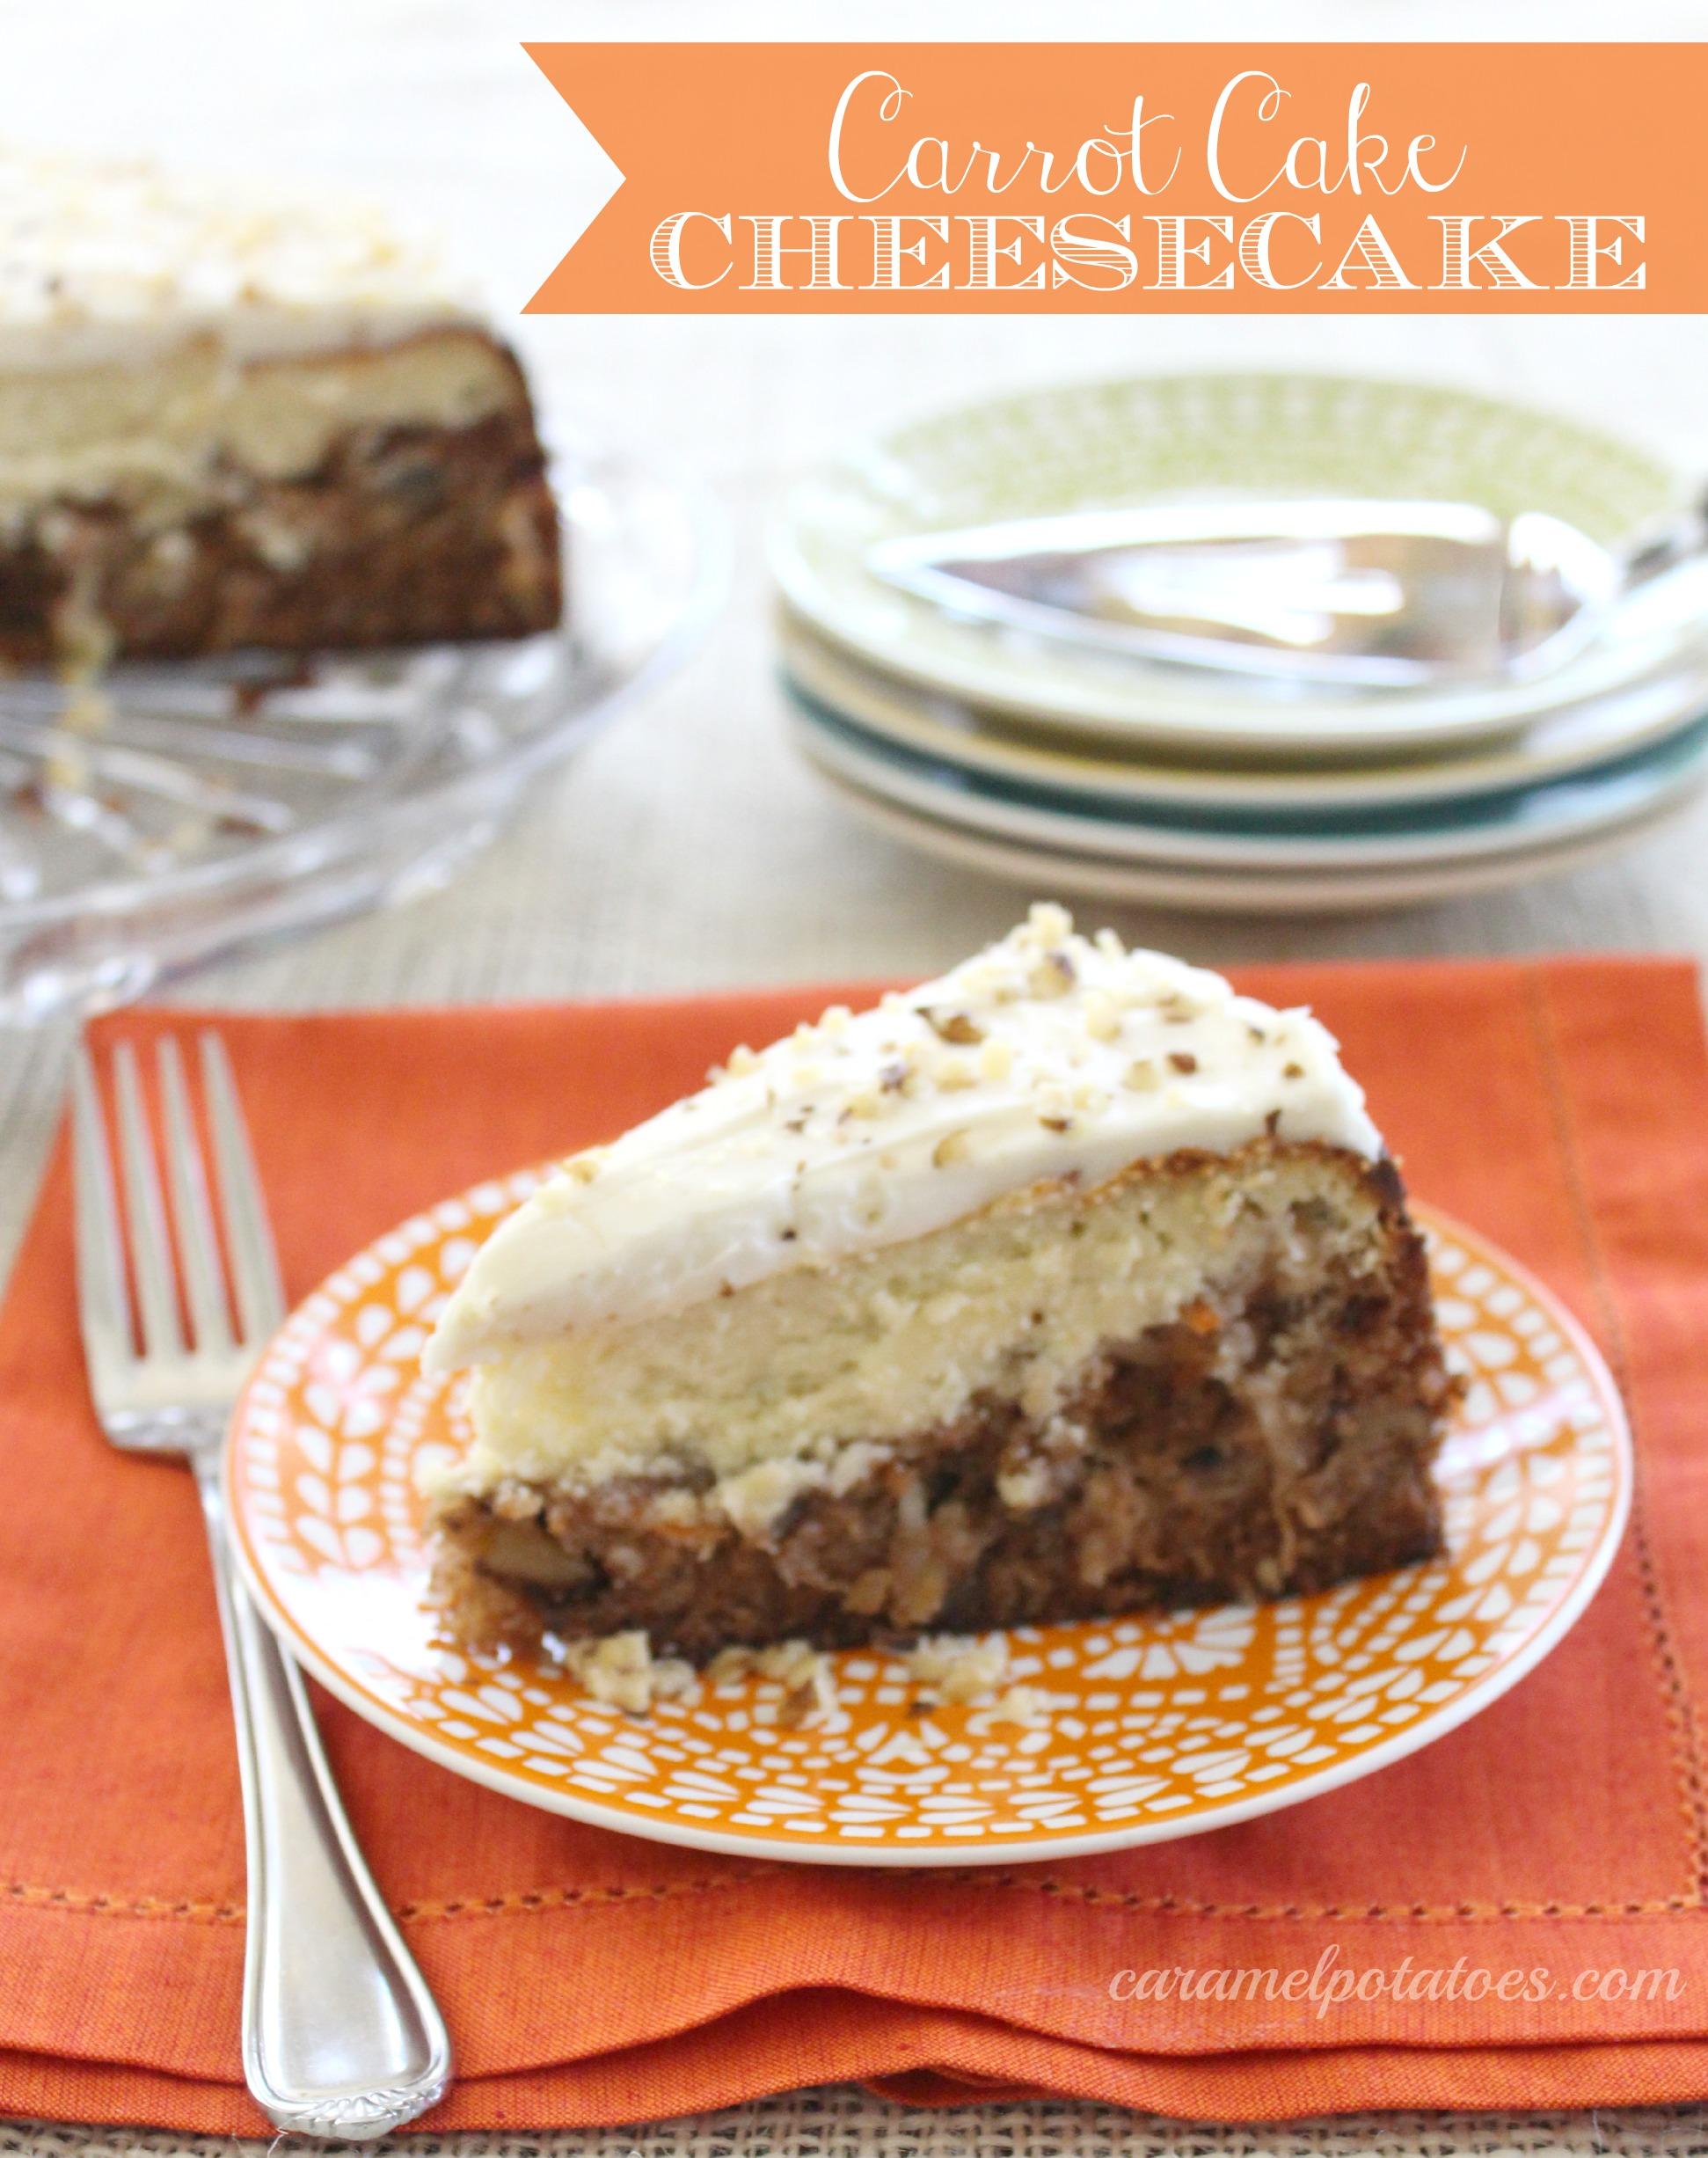 Caramel Potatoes Carrot Cake Cheesecake